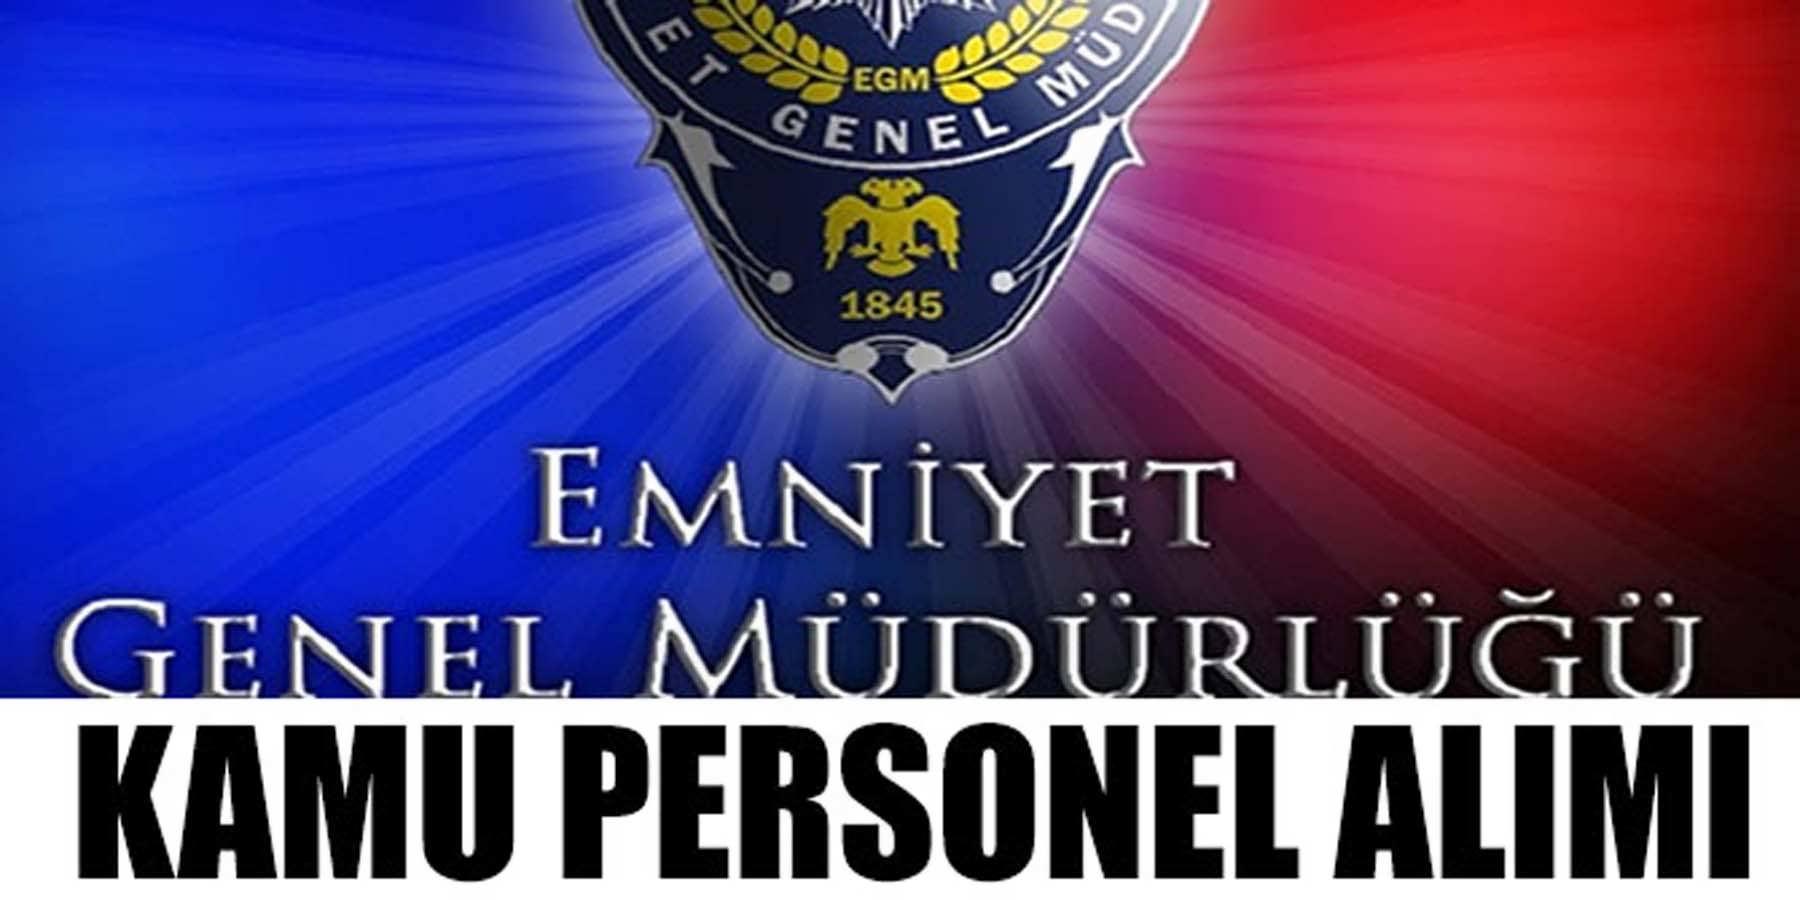 İçişleri Bakanlığı (EGM) Personel Alım İlanı